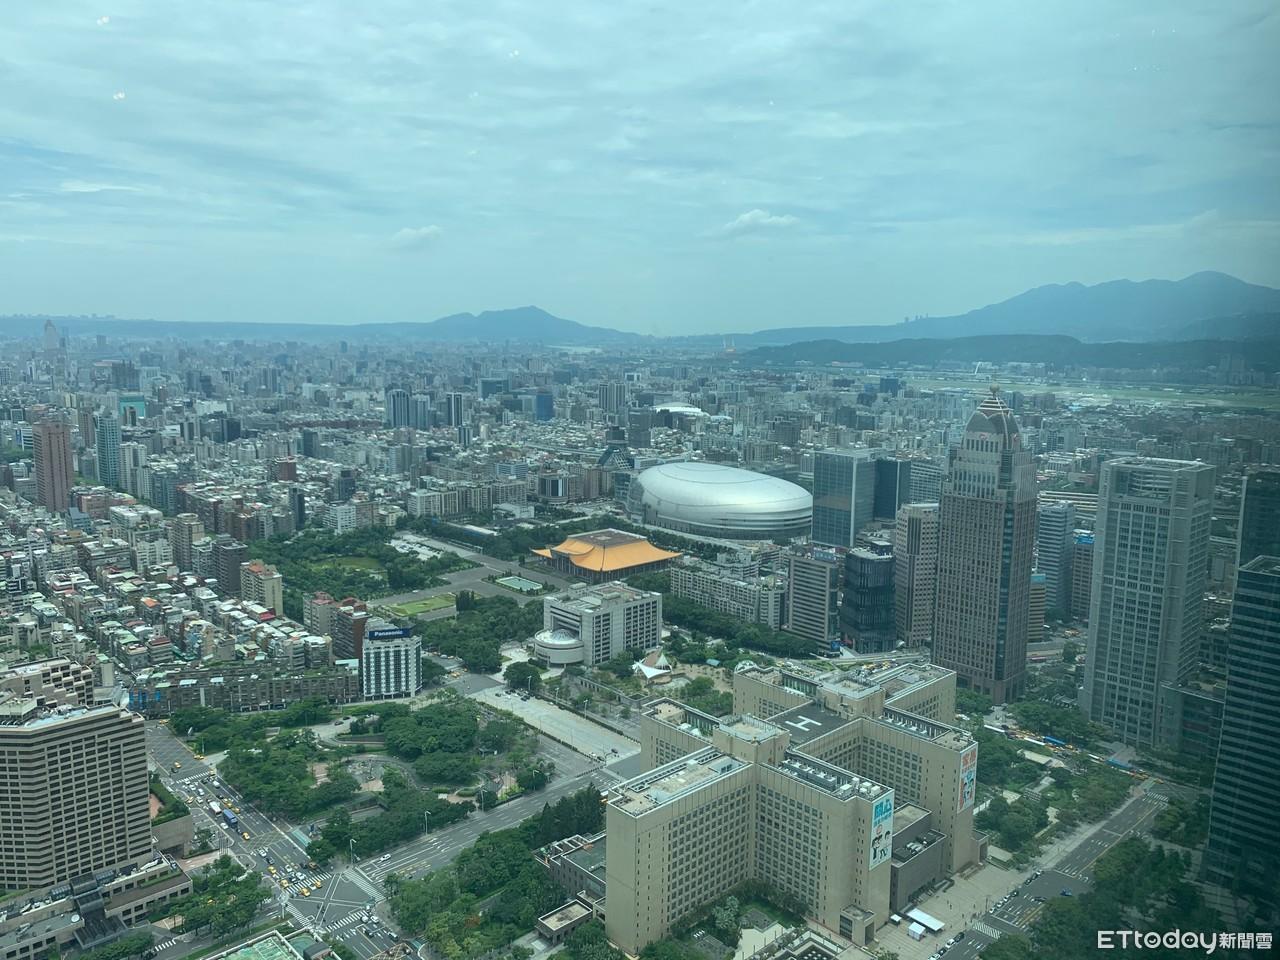 台灣有蓬勃發展的產業嗎?網一面倒激推「這2大行業」:全世界都知道